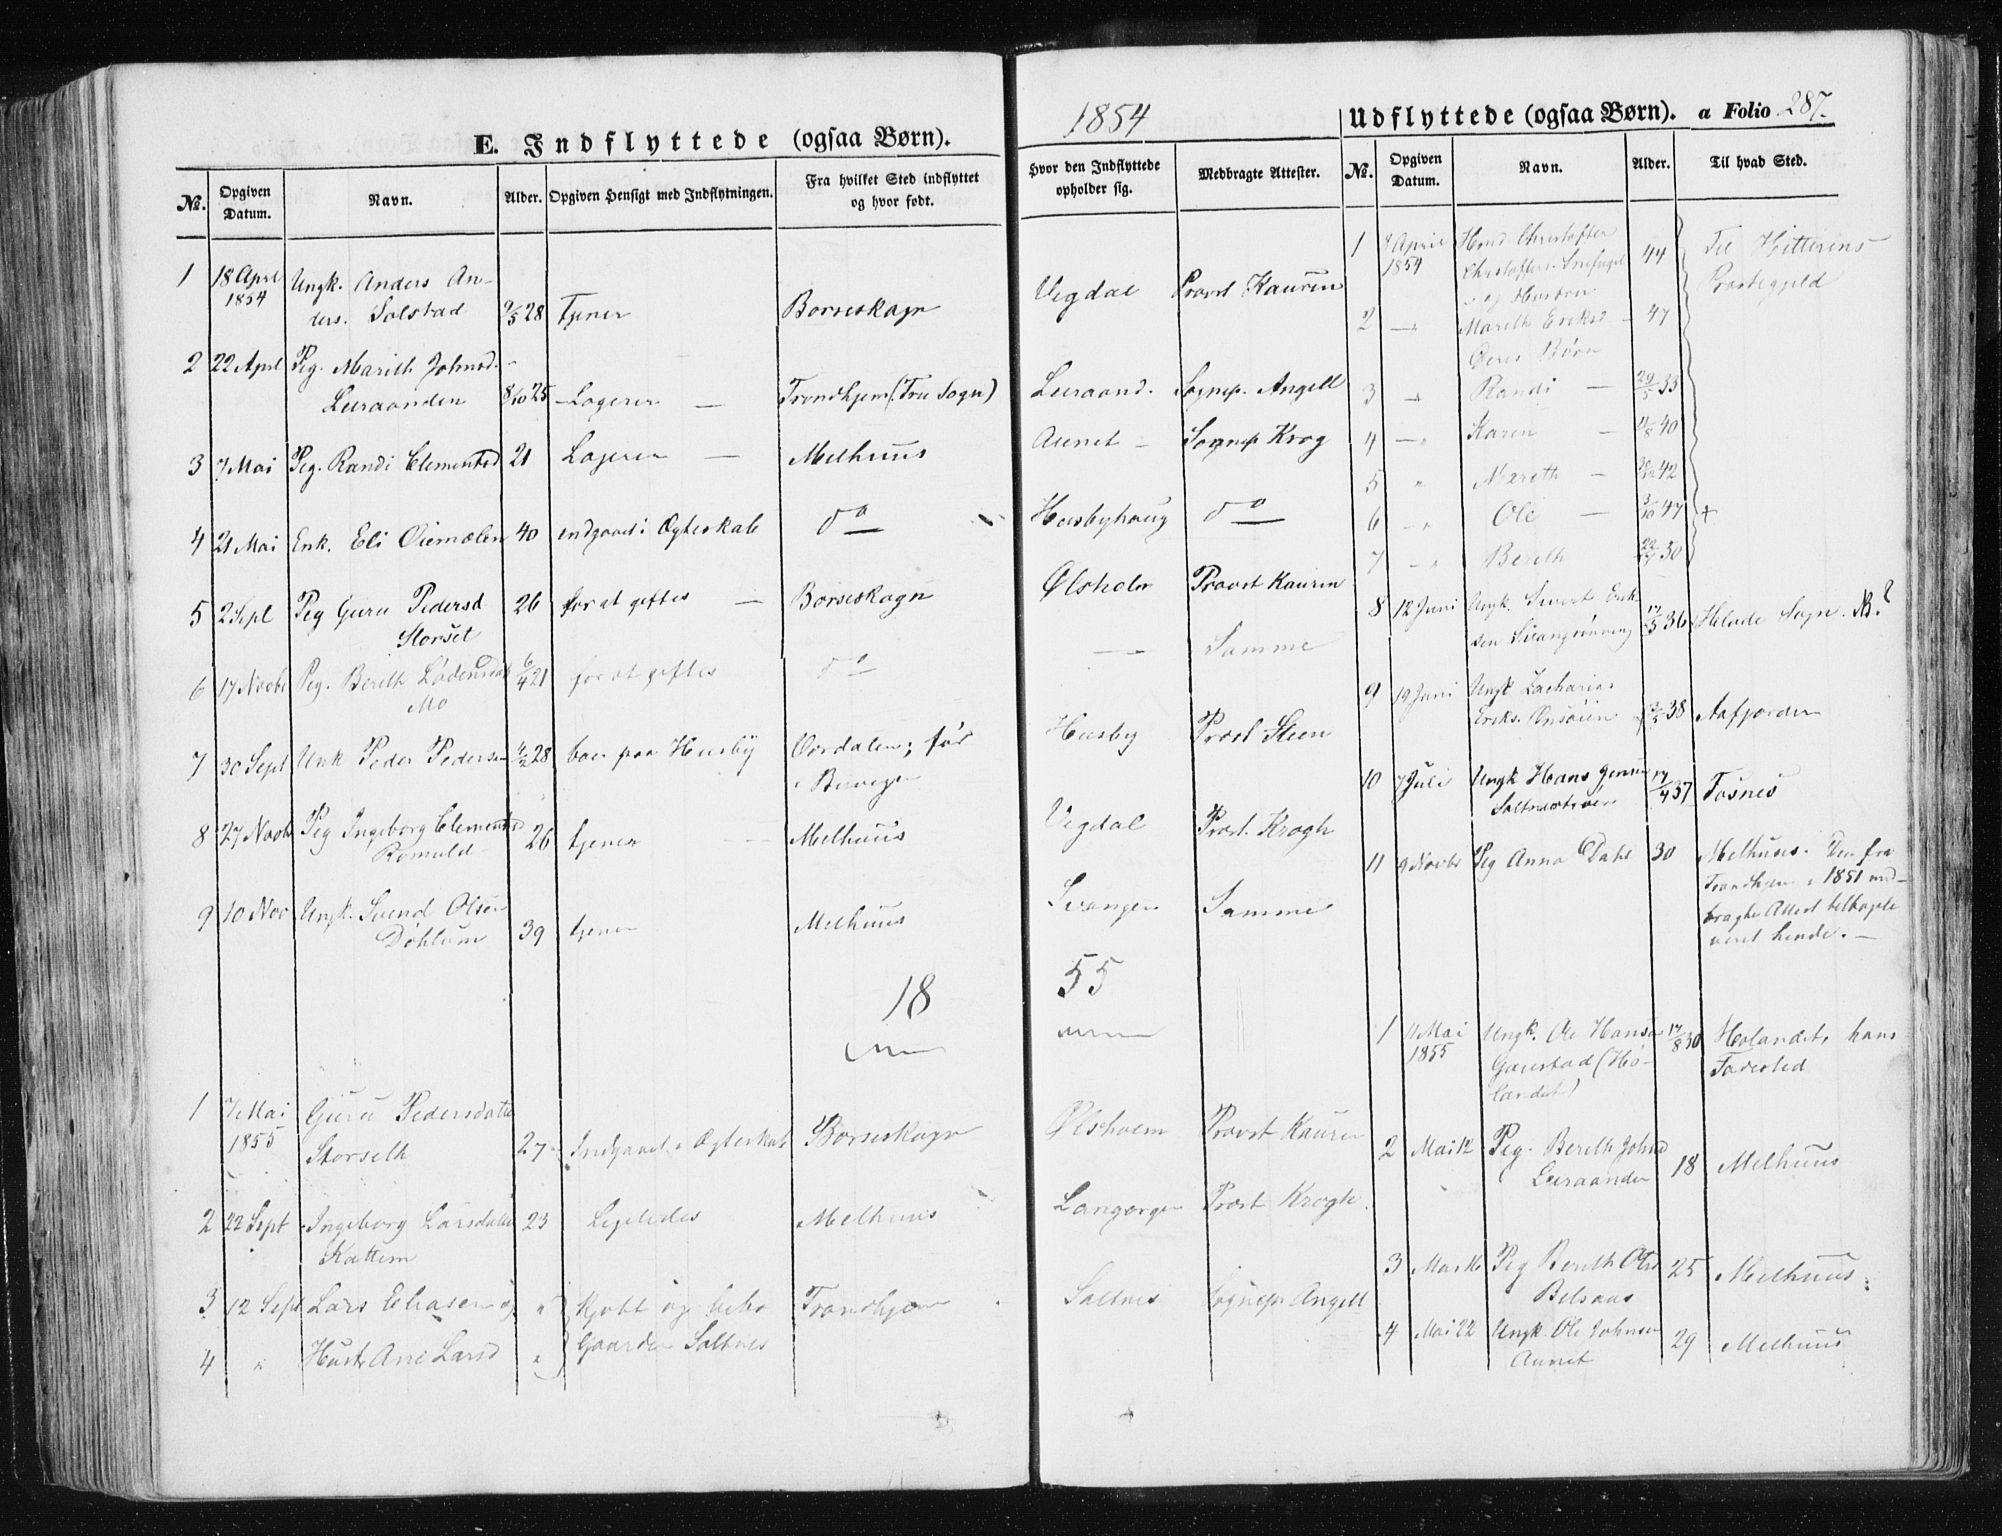 SAT, Ministerialprotokoller, klokkerbøker og fødselsregistre - Sør-Trøndelag, 612/L0376: Ministerialbok nr. 612A08, 1846-1859, s. 287